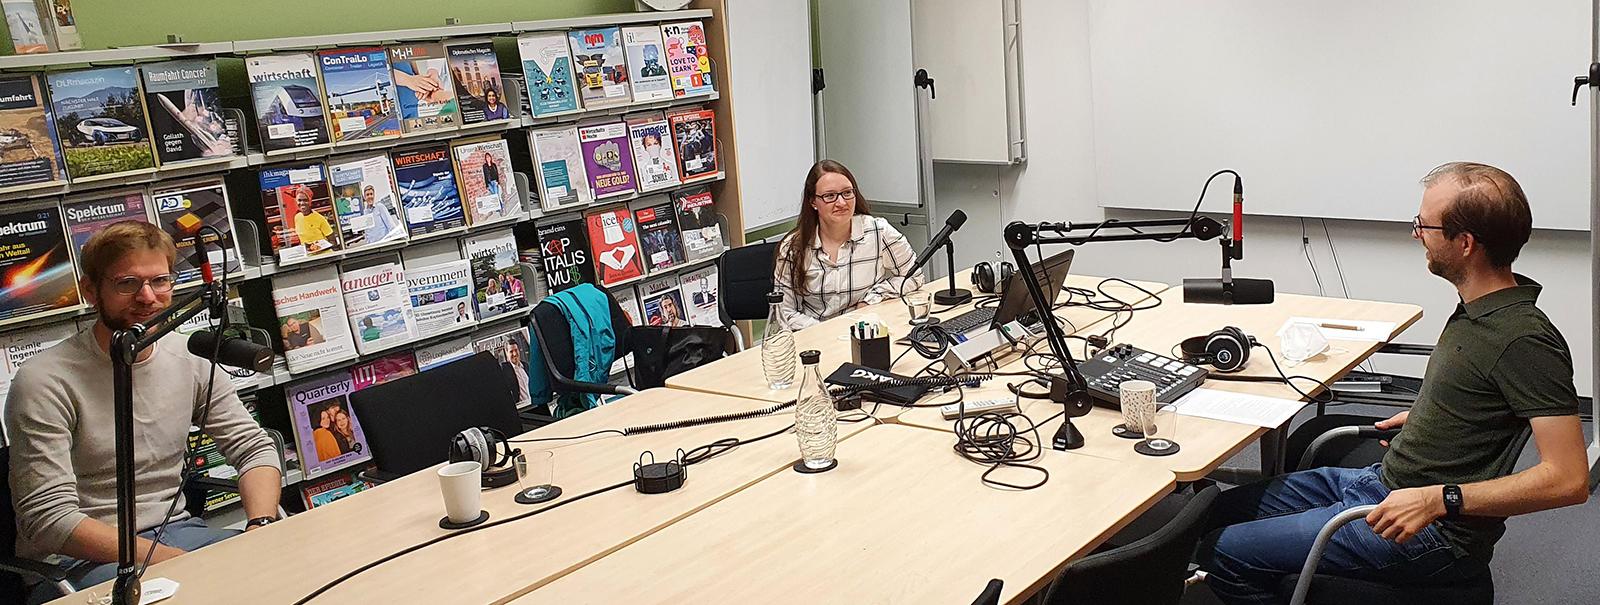 v.l.: Dr. Sascha Kulas, Projektleiter Niedersachsen ADDITIV, Yvonne Johannsen von der LZH Laser Akademie GmbH und Christian Wagener, Themenmanager der Digitalagentur Niedersachsen